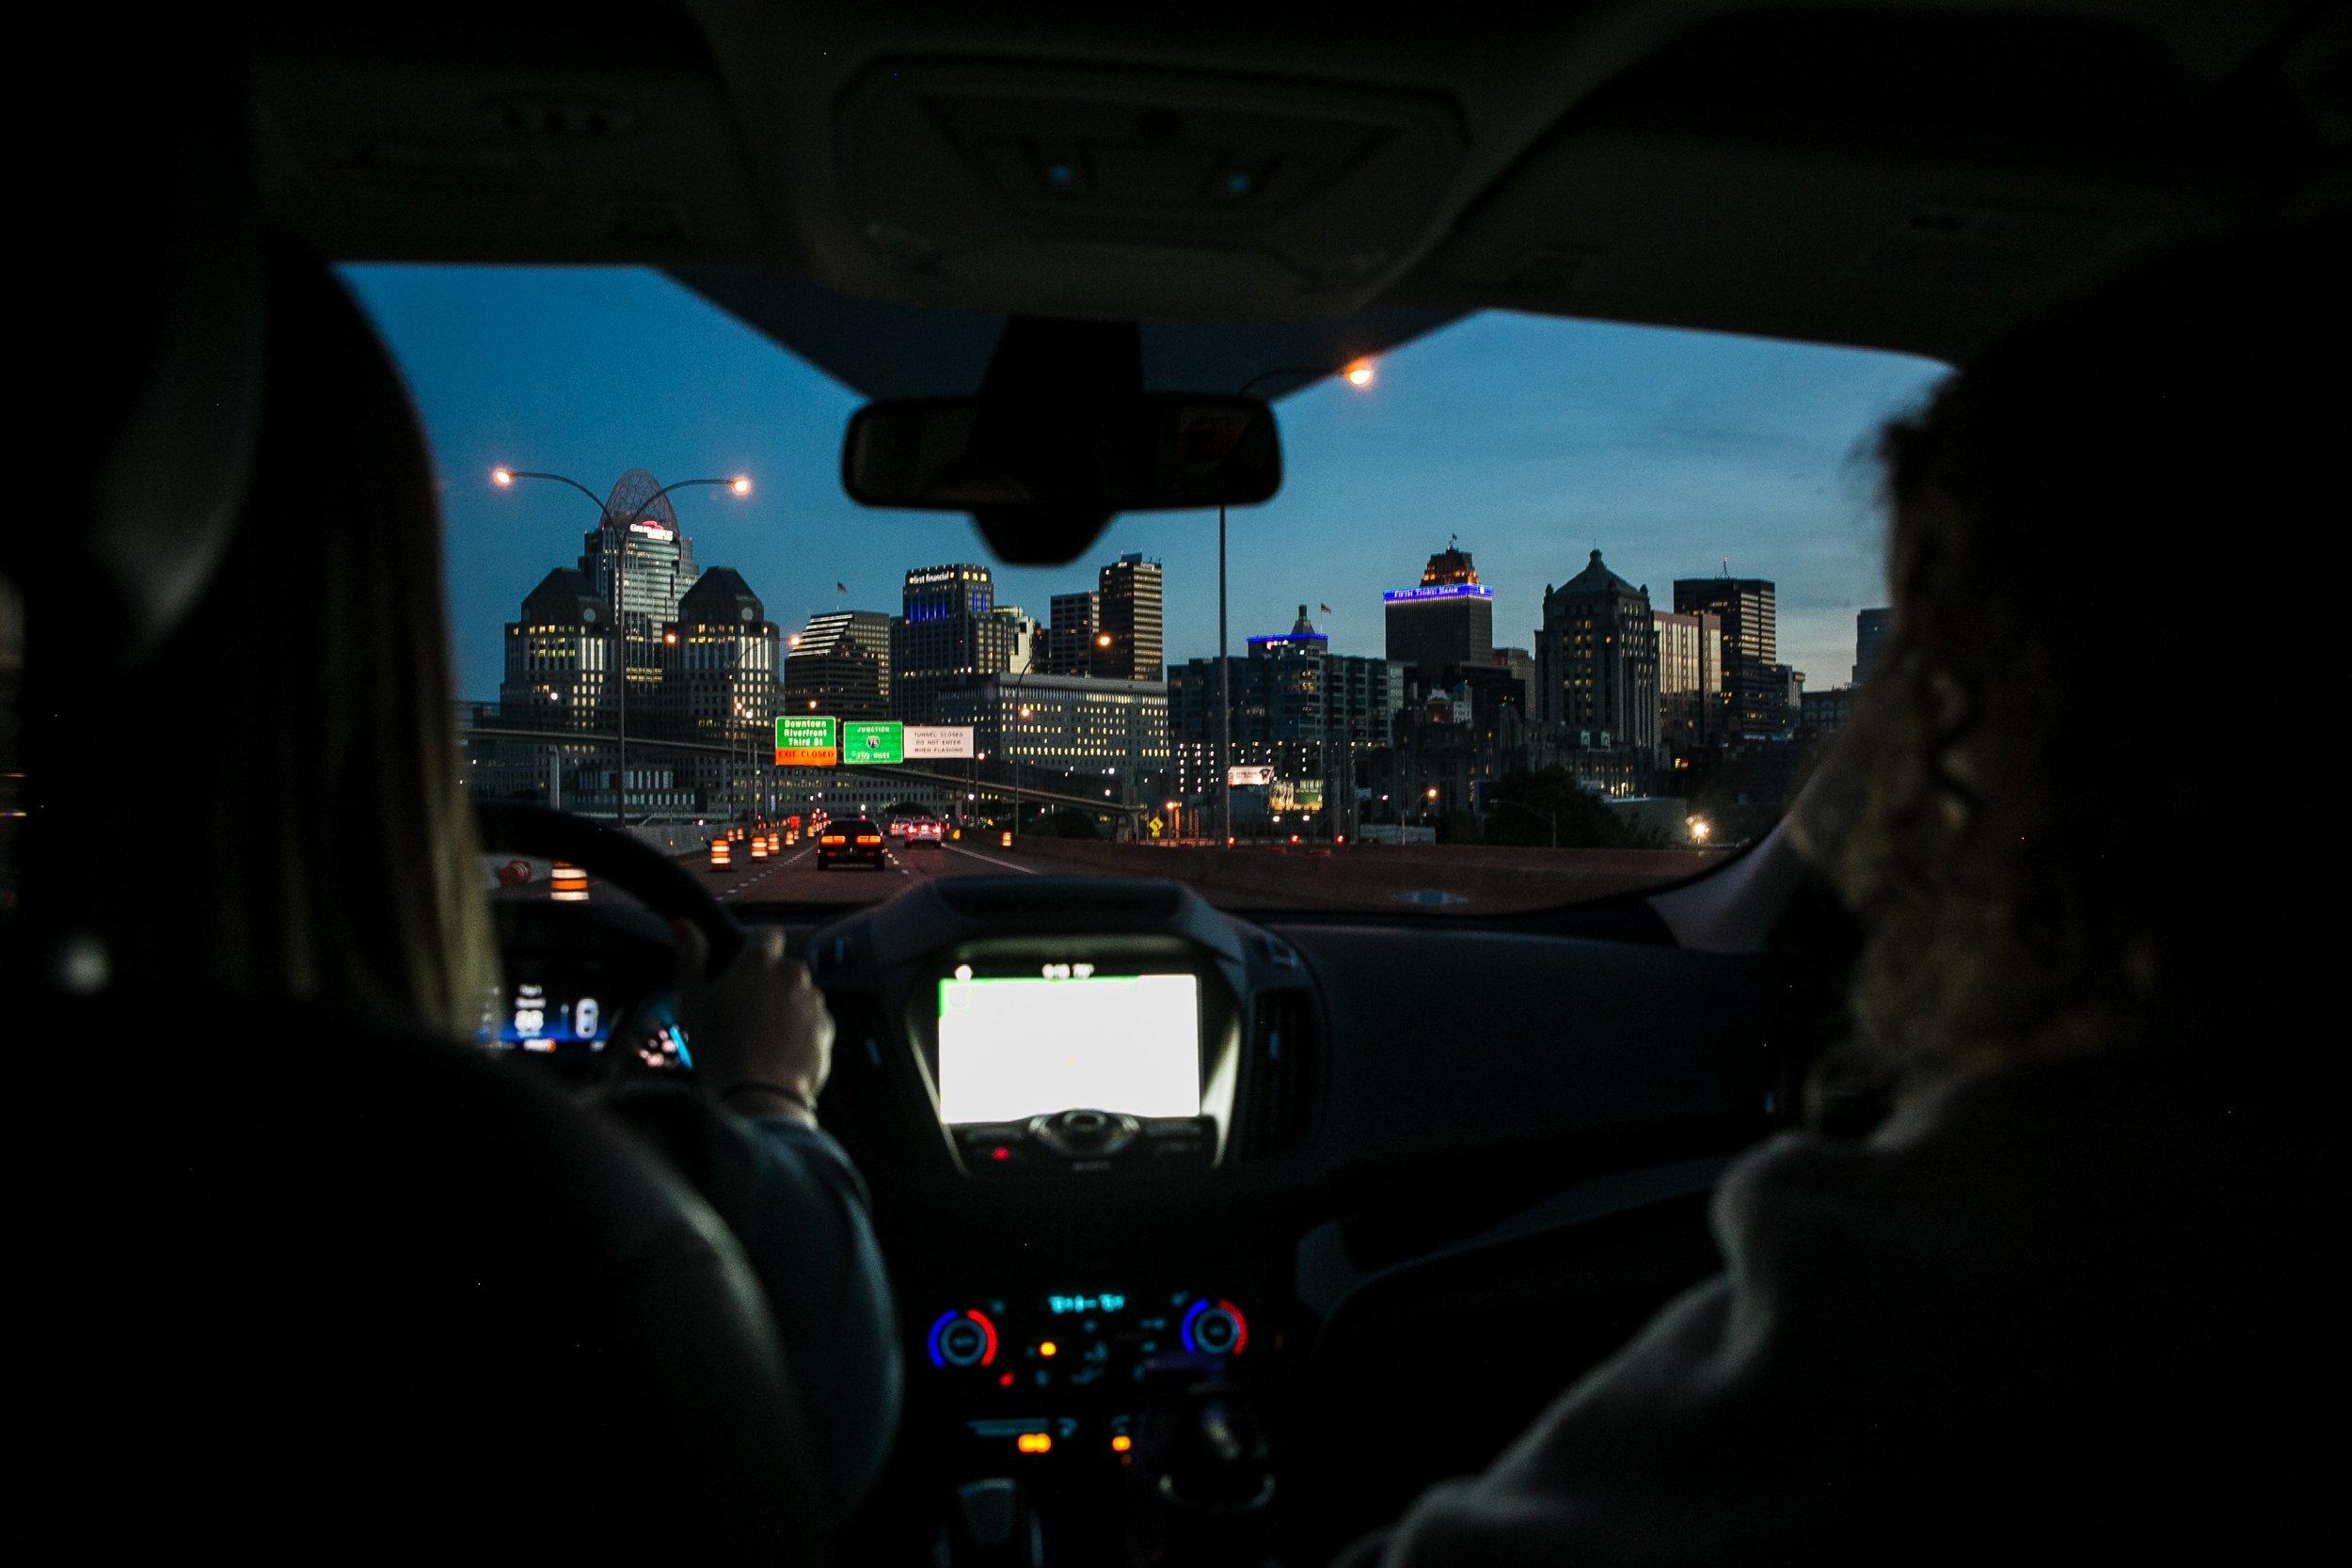 blur-car-cityscape-1179579.jpg